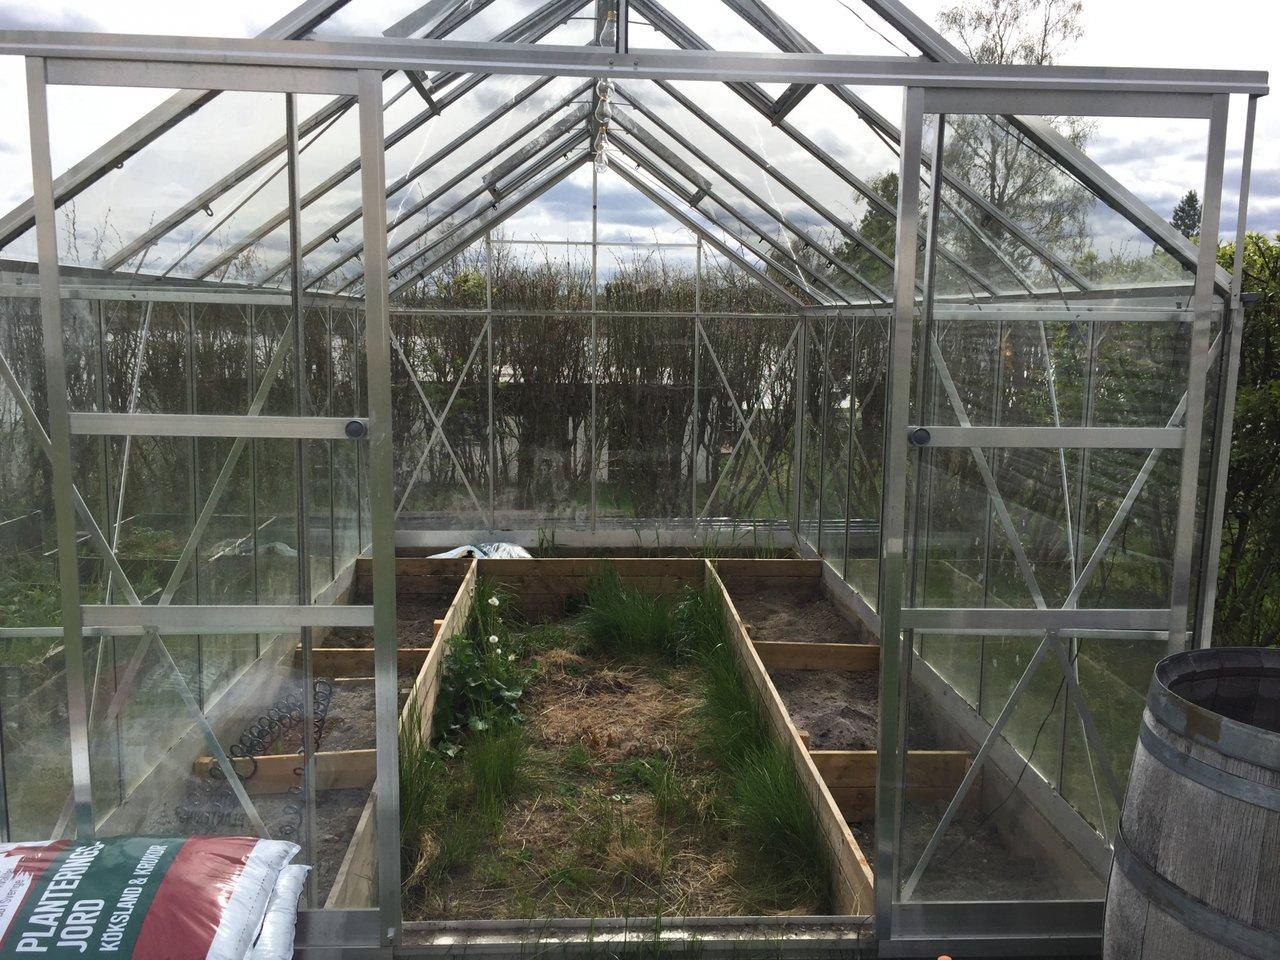 fixa i växthuset